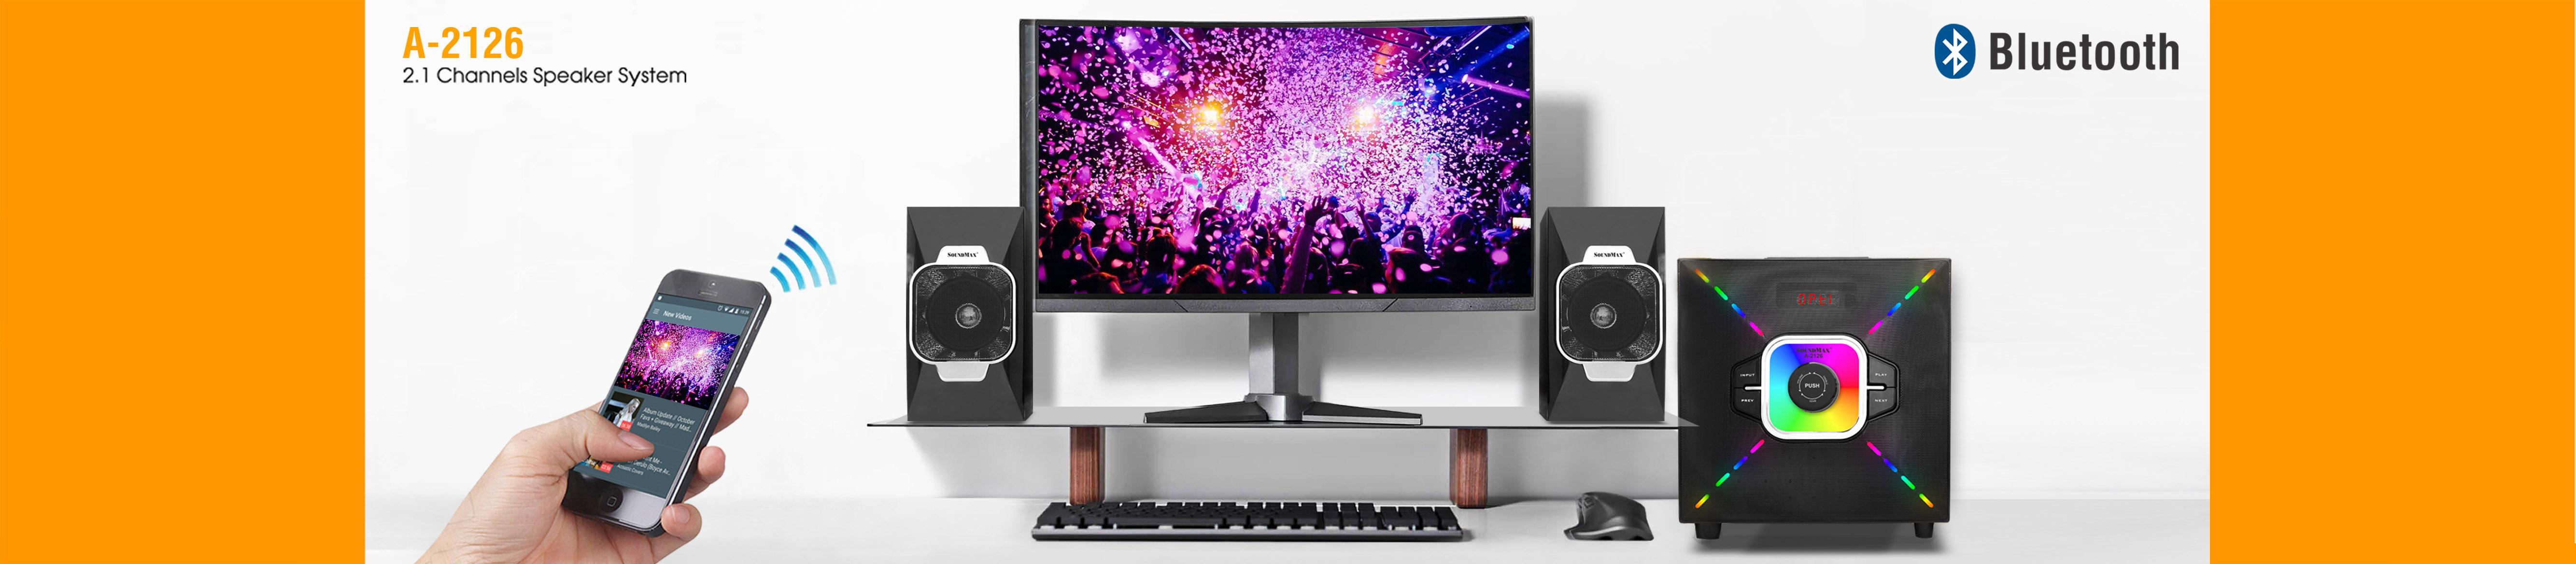 SoundMax - Loa Bluetooth chính hãng giá rẻ